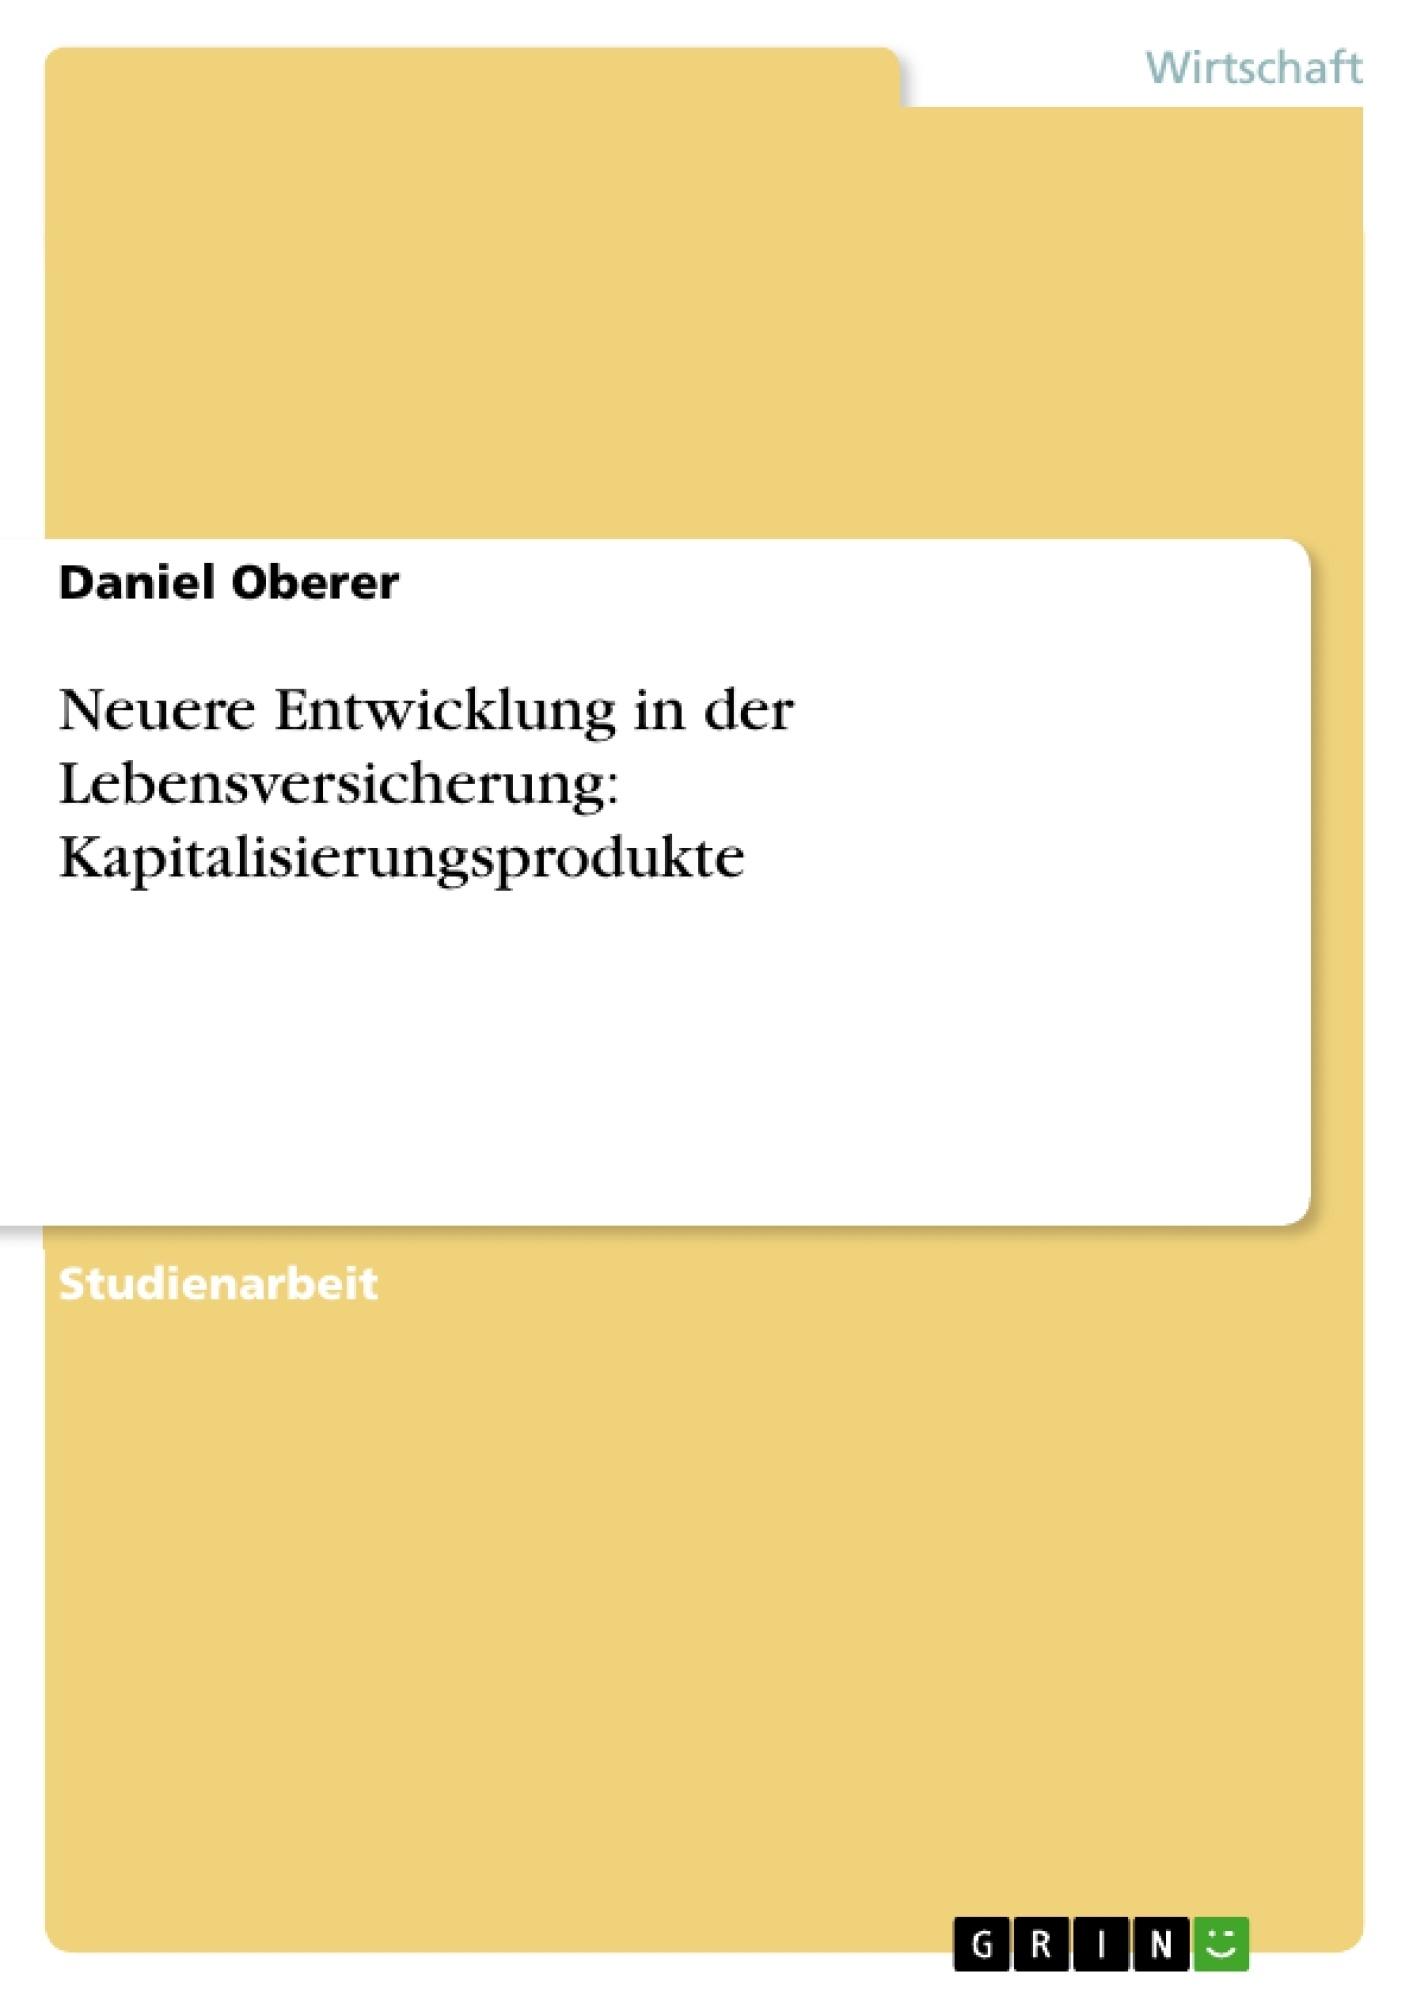 Titel: Neuere Entwicklung in der Lebensversicherung: Kapitalisierungsprodukte